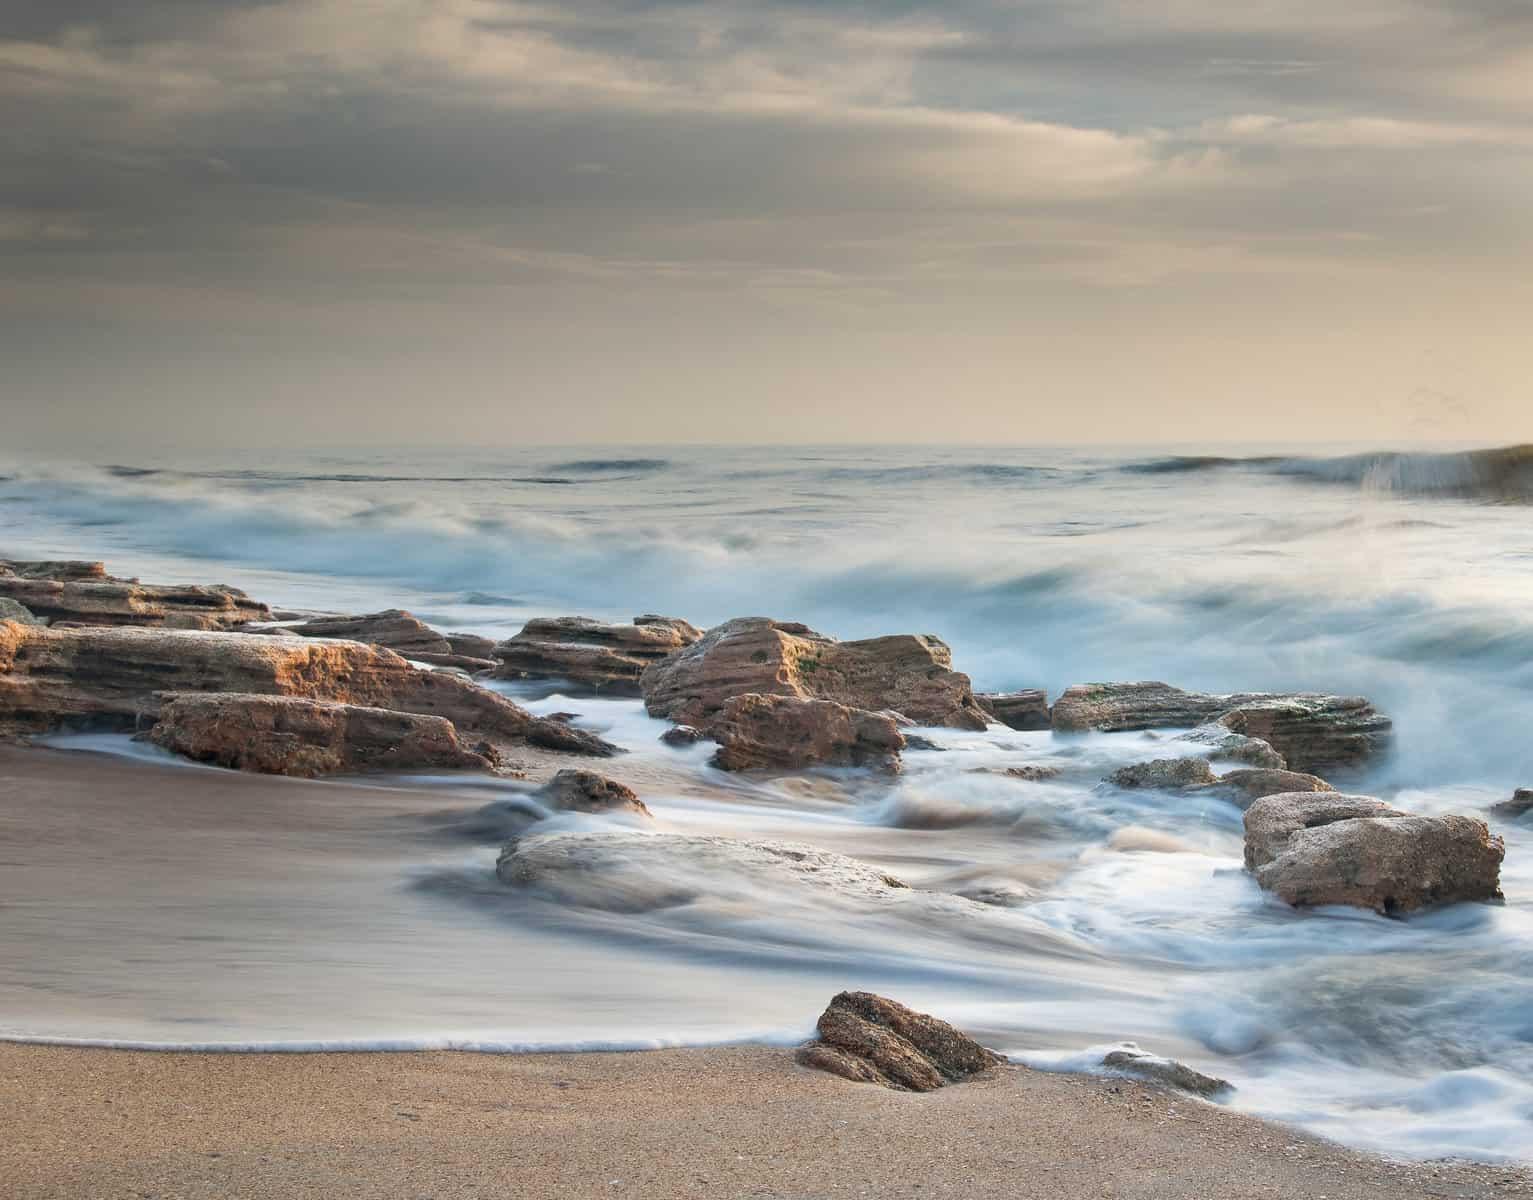 N (1) - Sunrise at Marineland - Brian Leonard